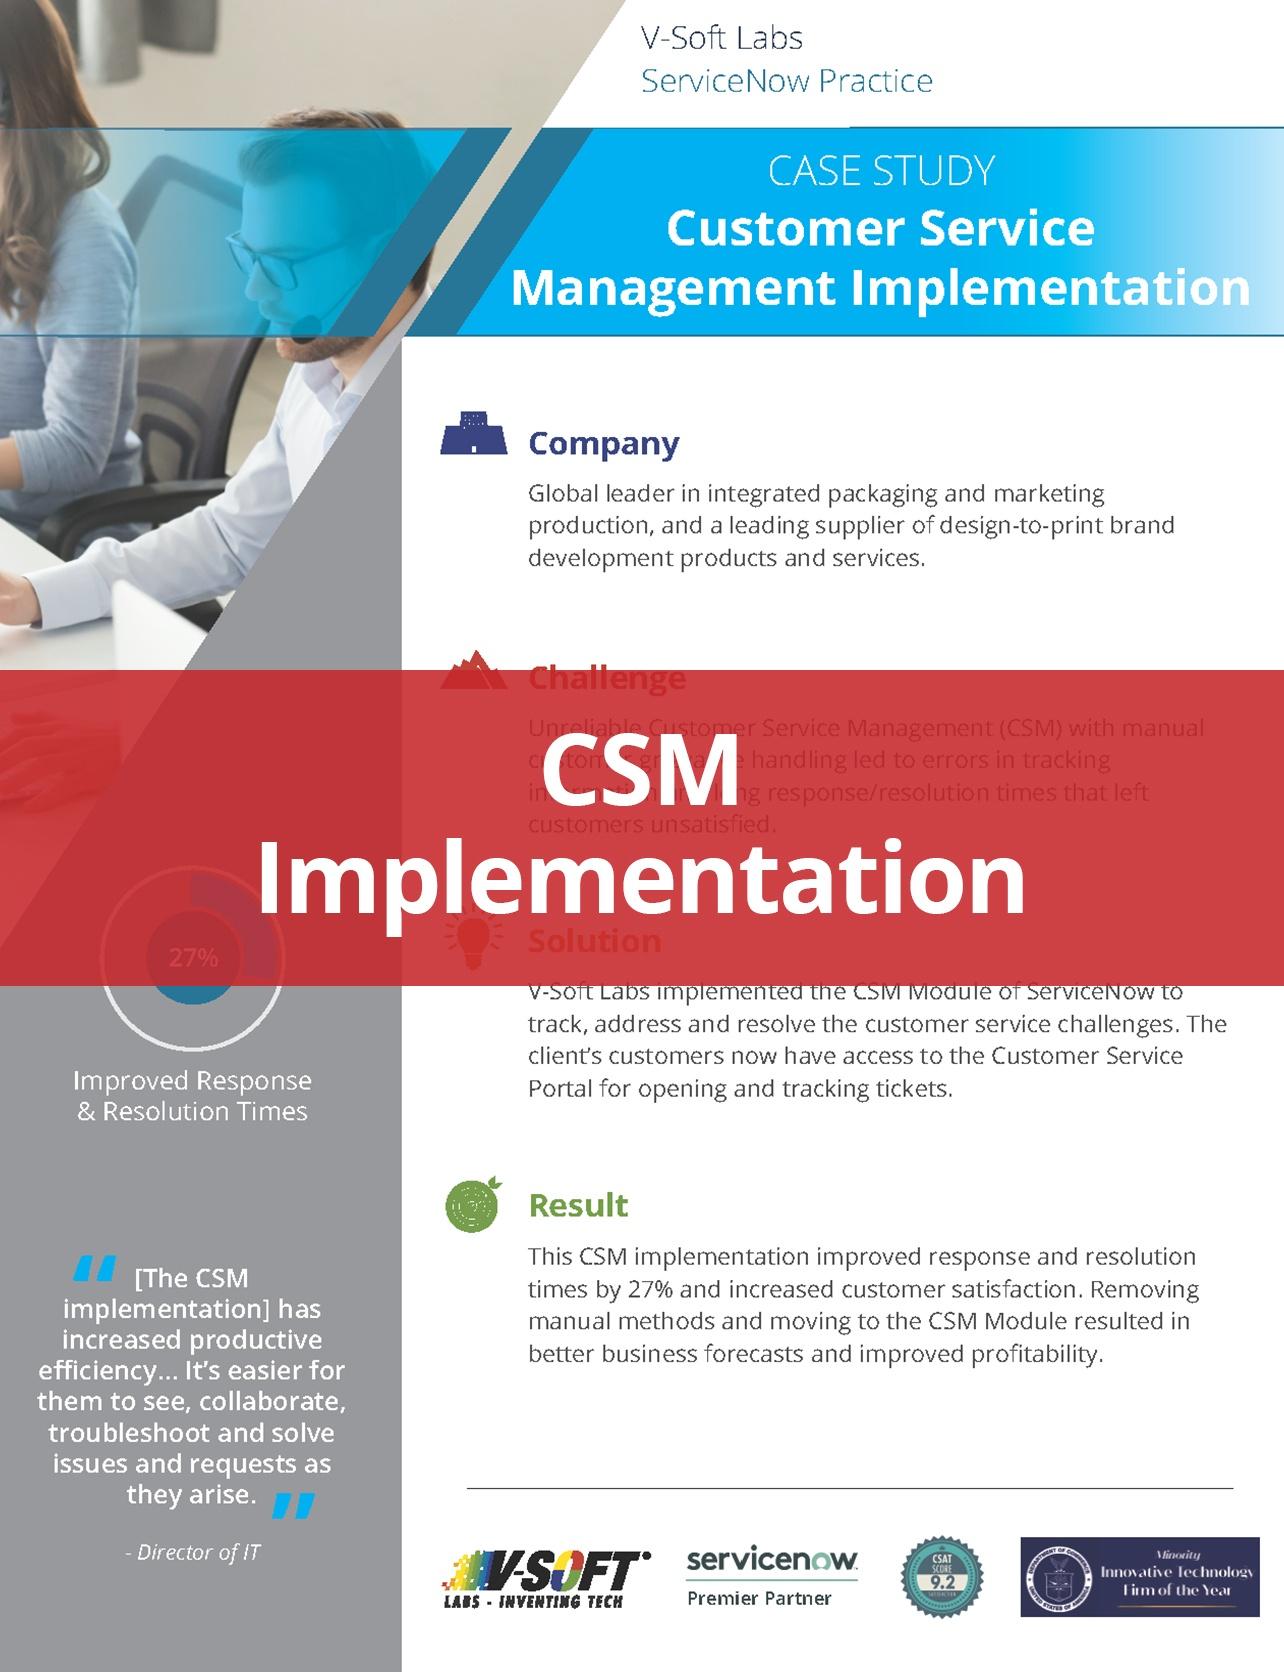 CSM Implementation